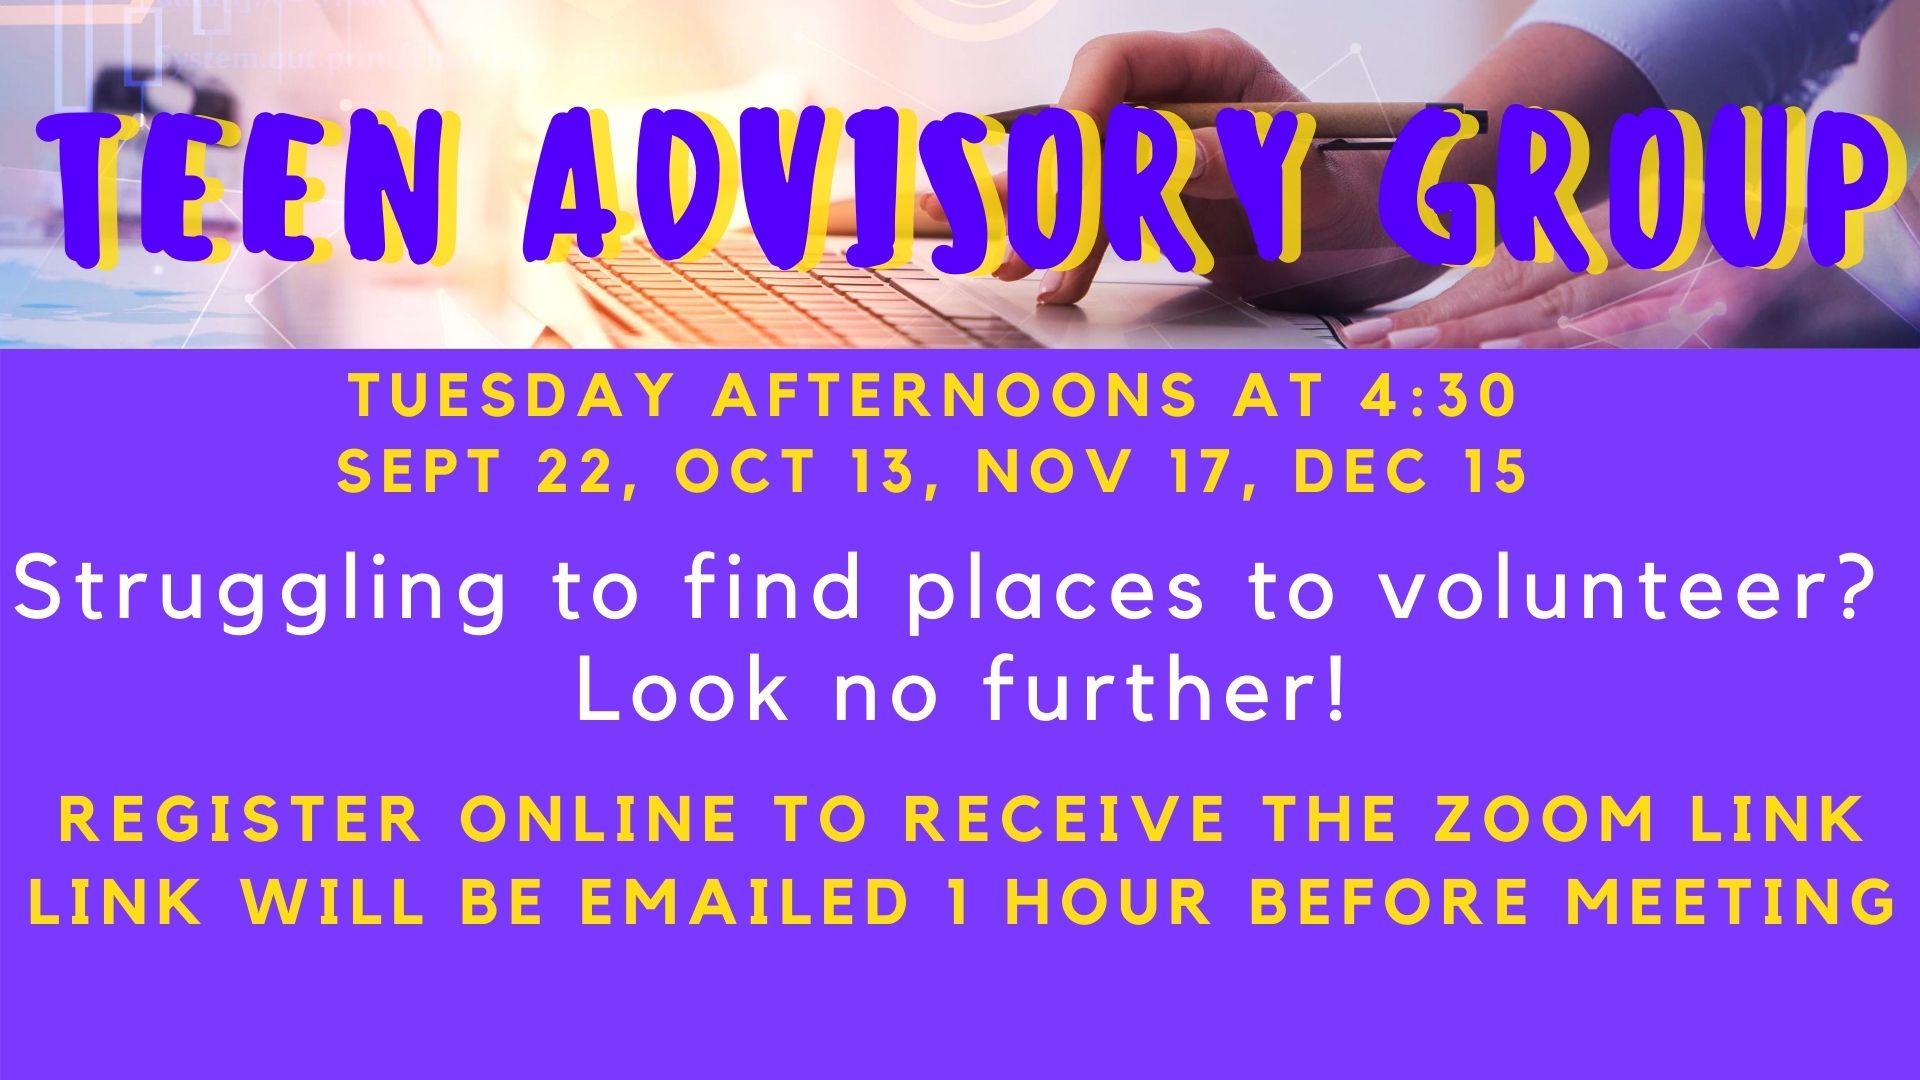 Virtual Teen Advisory Group